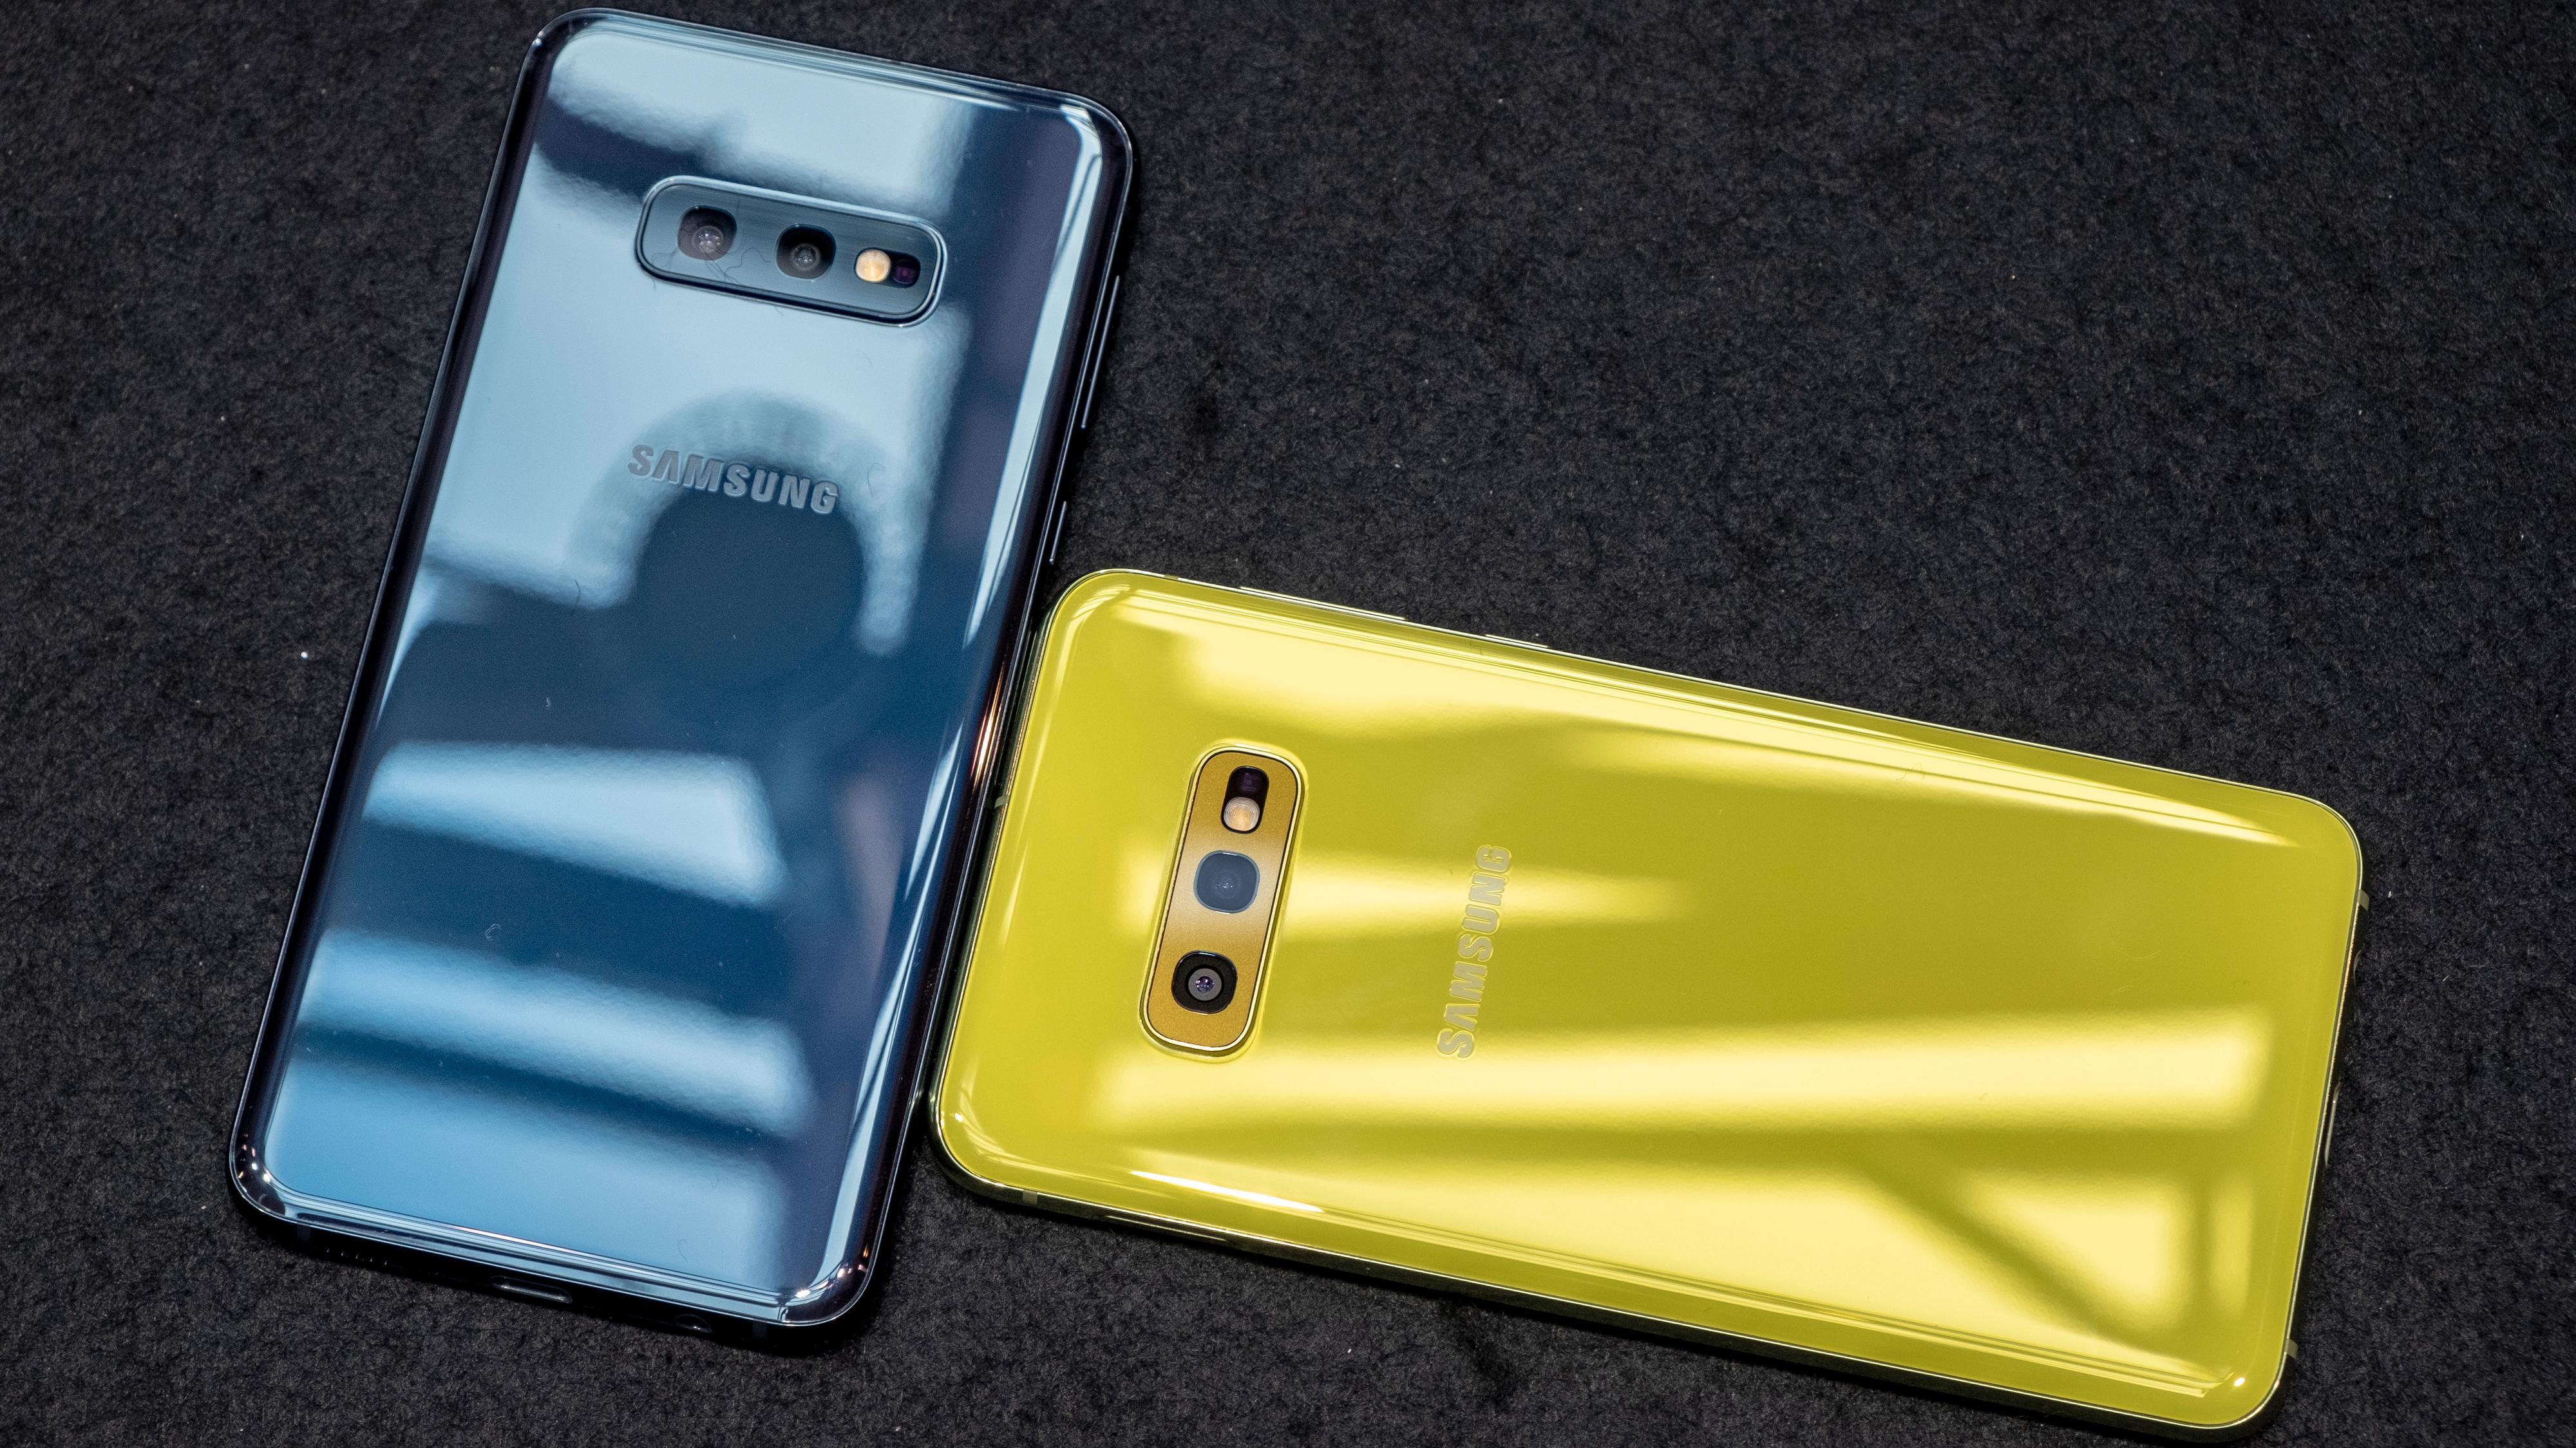 Blå og gul variant Galaxy 10e. Gul versjon kommer dessverre ikke til Norge, mens den blå blir tilgjengelig.